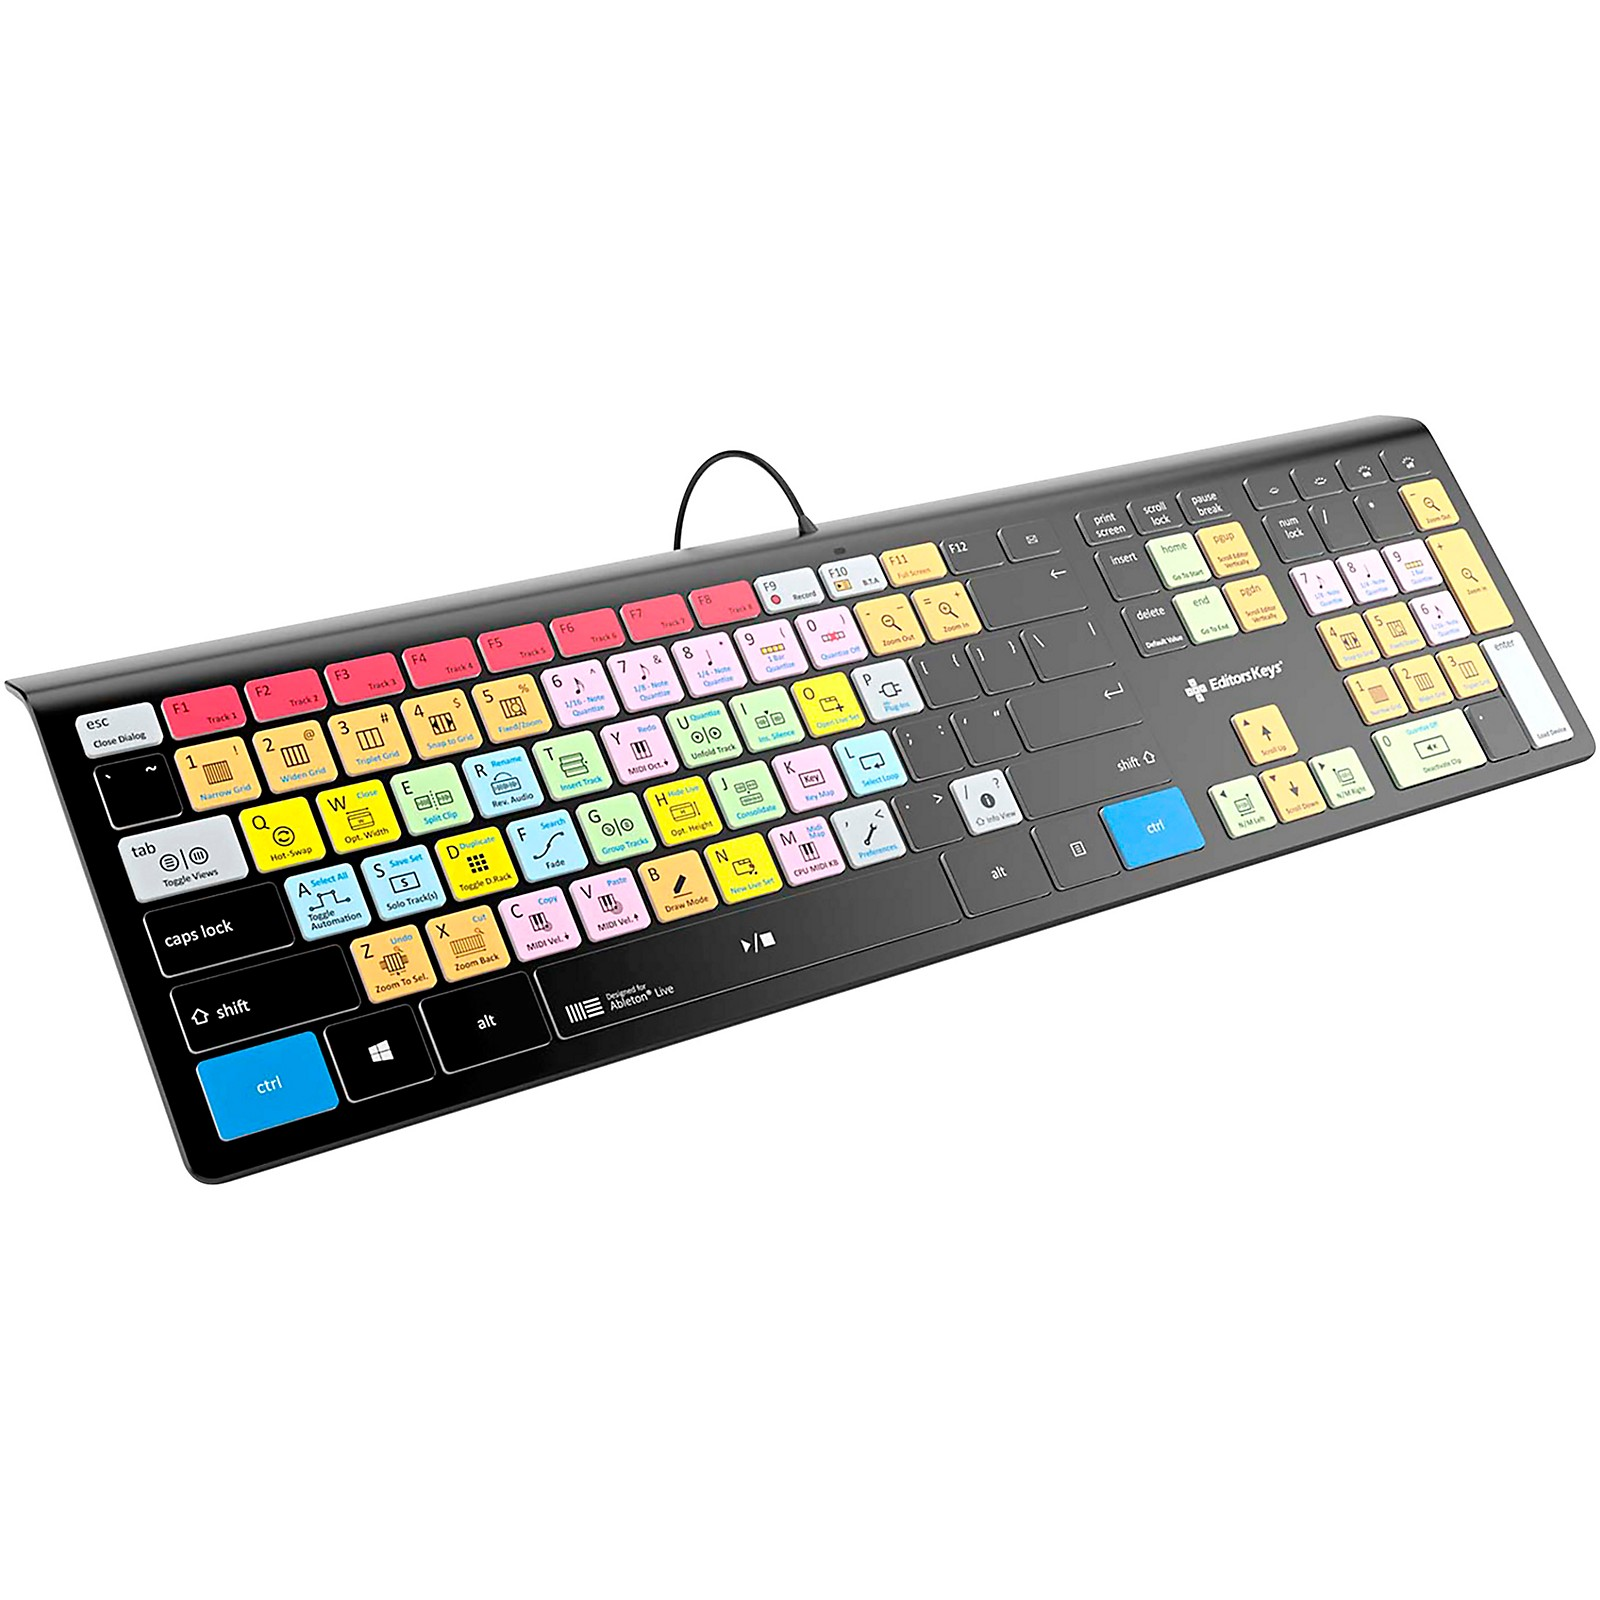 KB Covers Ableton Live Backlit Keyboard, Windows US